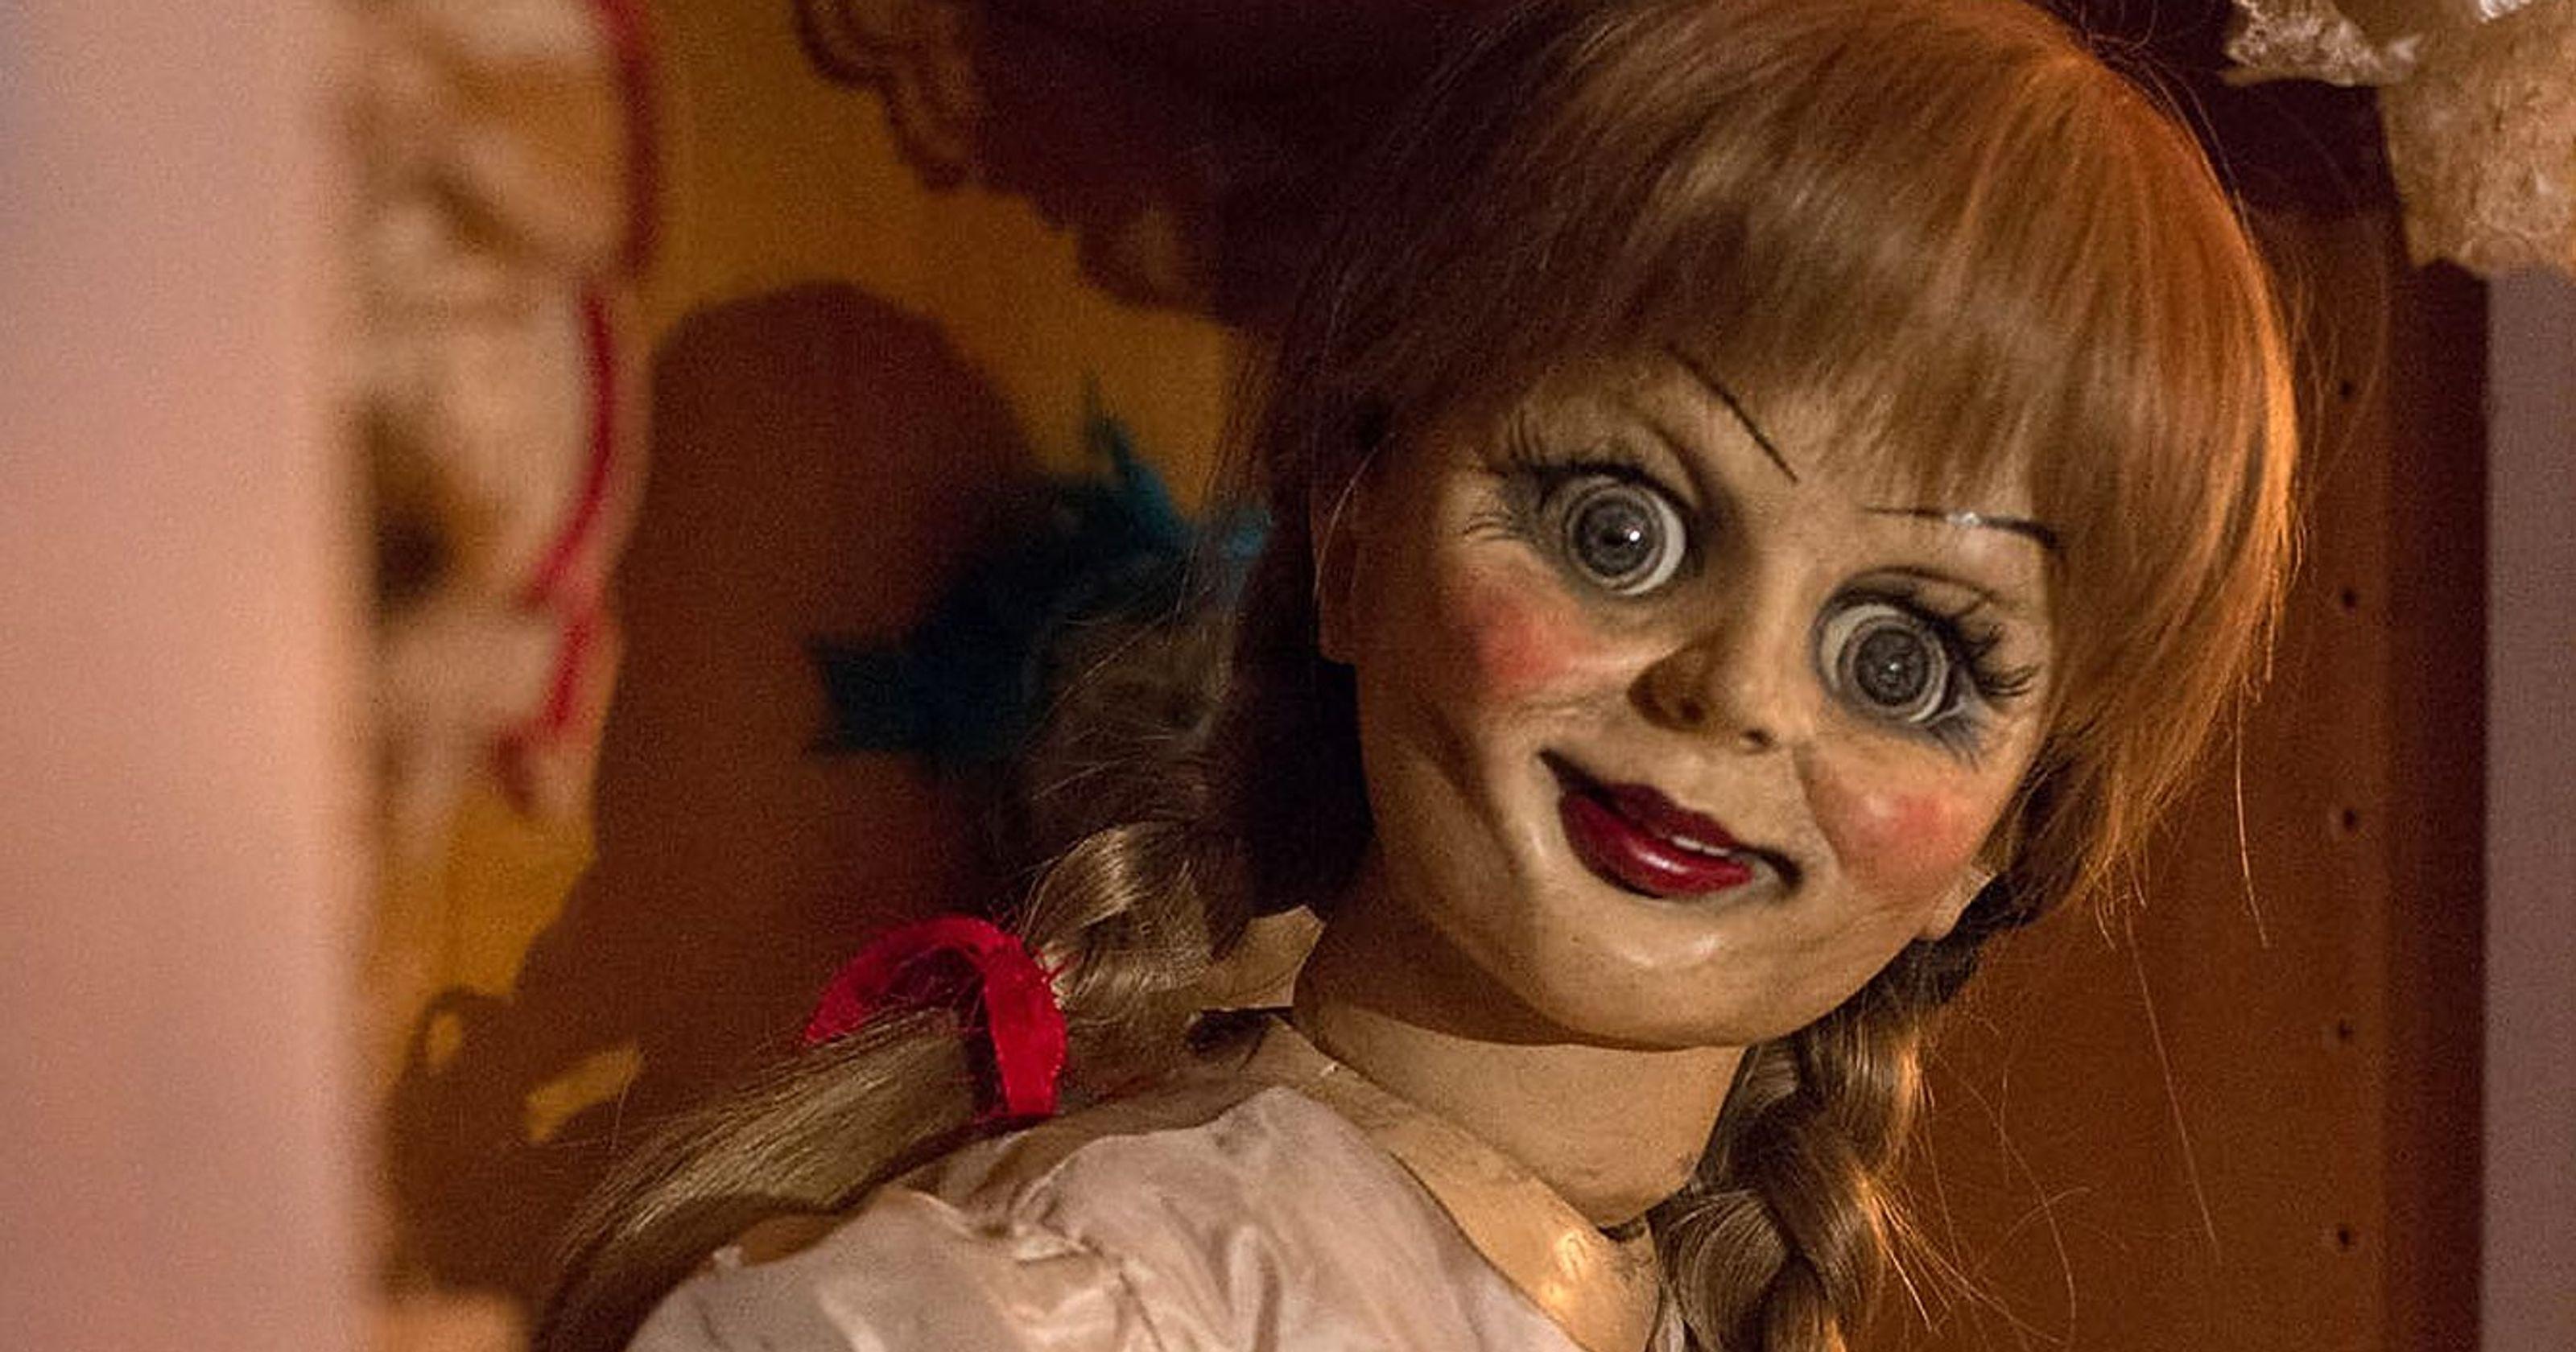 《 厲陰宅 》恐怖洋娃娃 安娜貝爾 , 笑得你心裡發寒 。